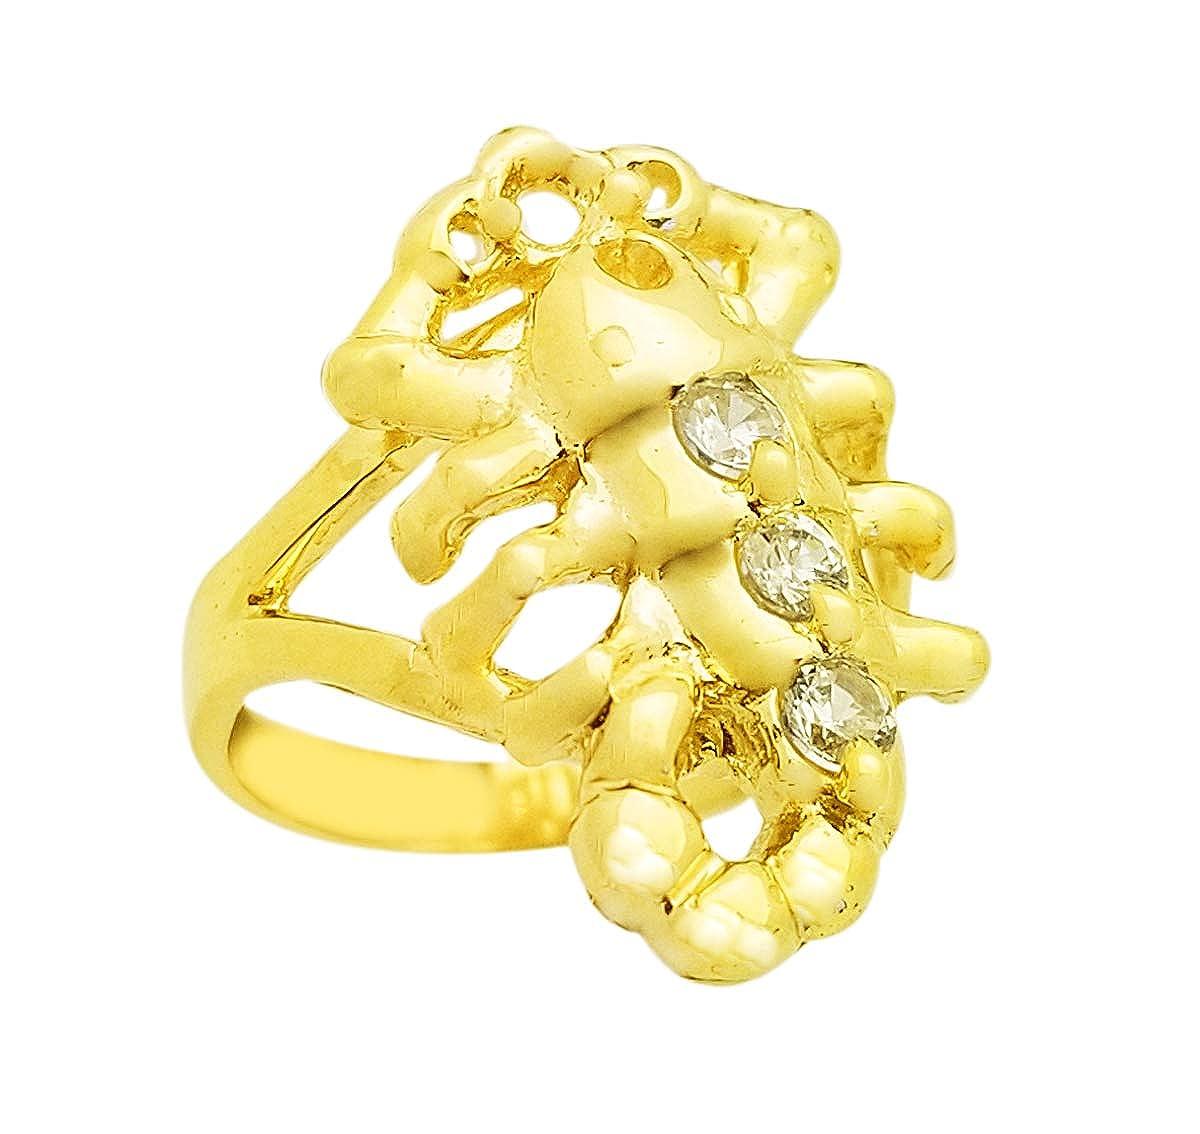 AMZ Jewelry 10K Yellow Gold Scorpion Pinky Ring Scorpio Zodiac Sign Ring Size 7